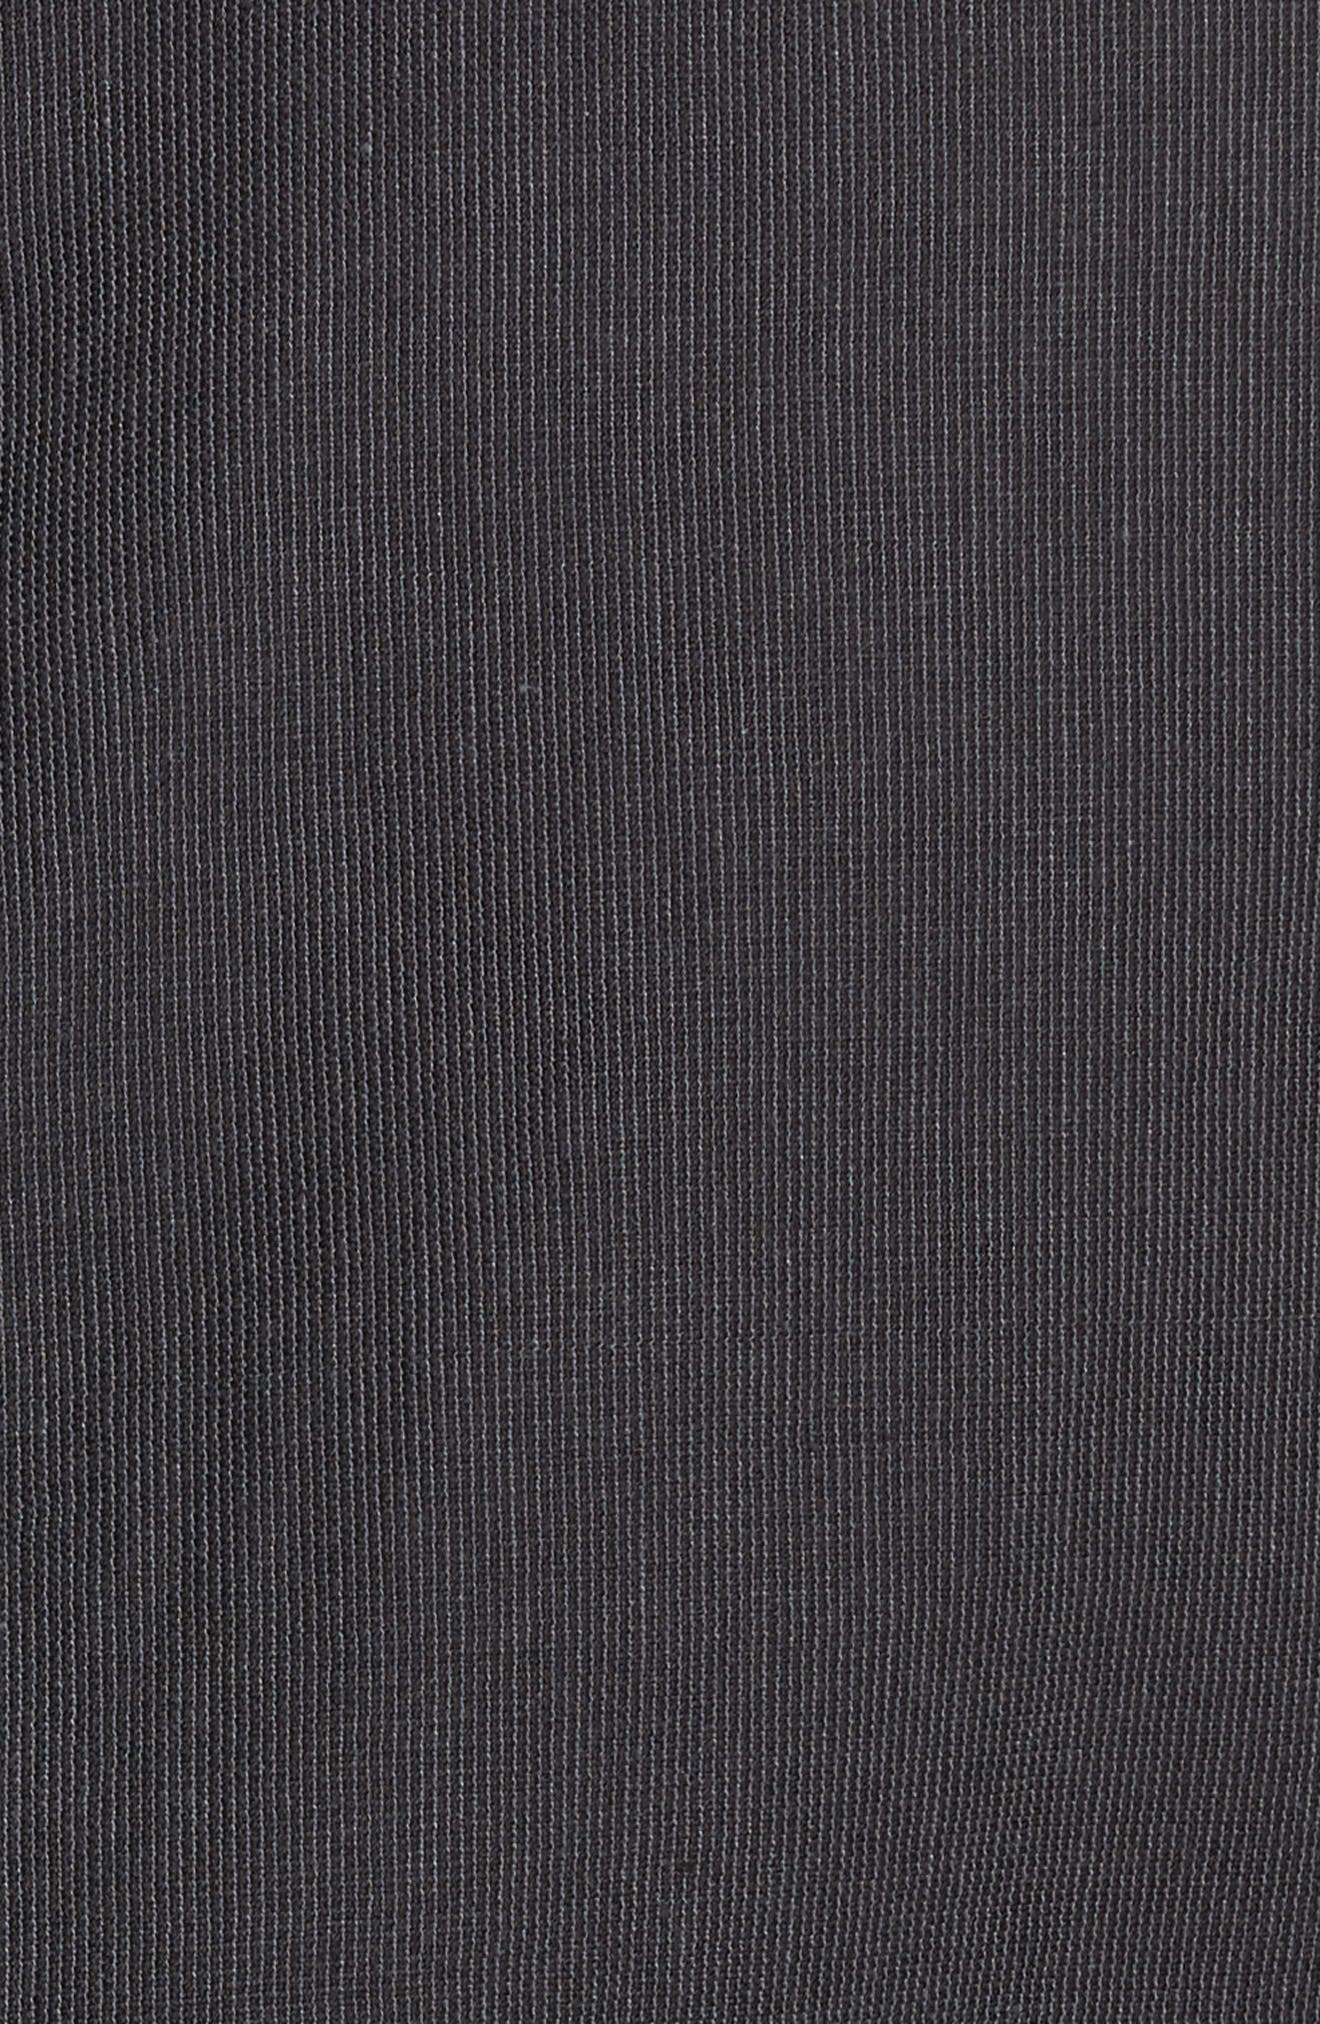 Textured Cotton Coach's Jacket,                             Alternate thumbnail 6, color,                             001